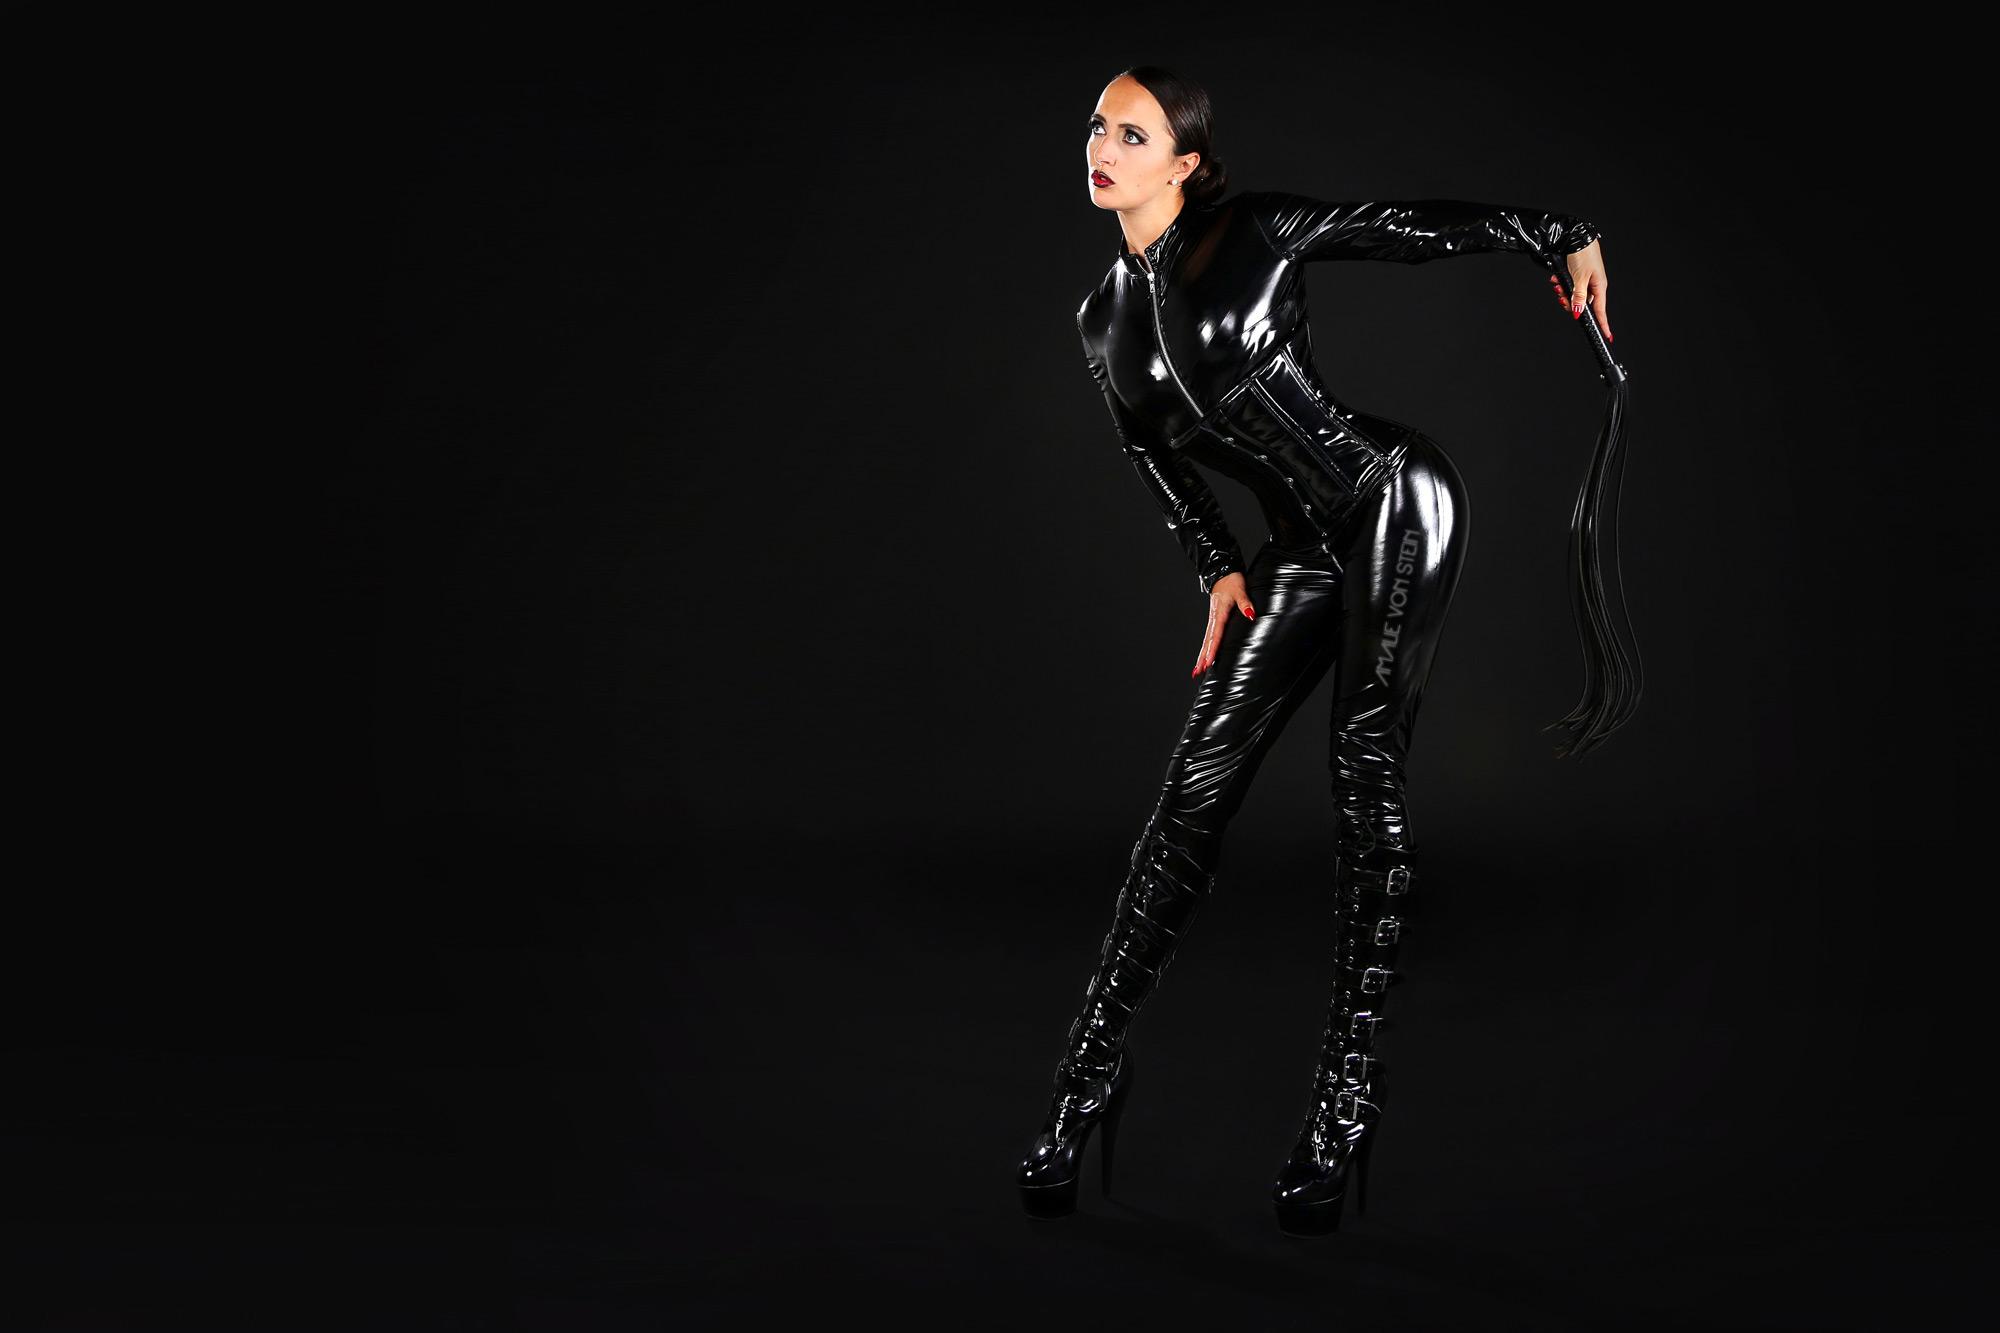 04_amalie-von-stein-black-dominant